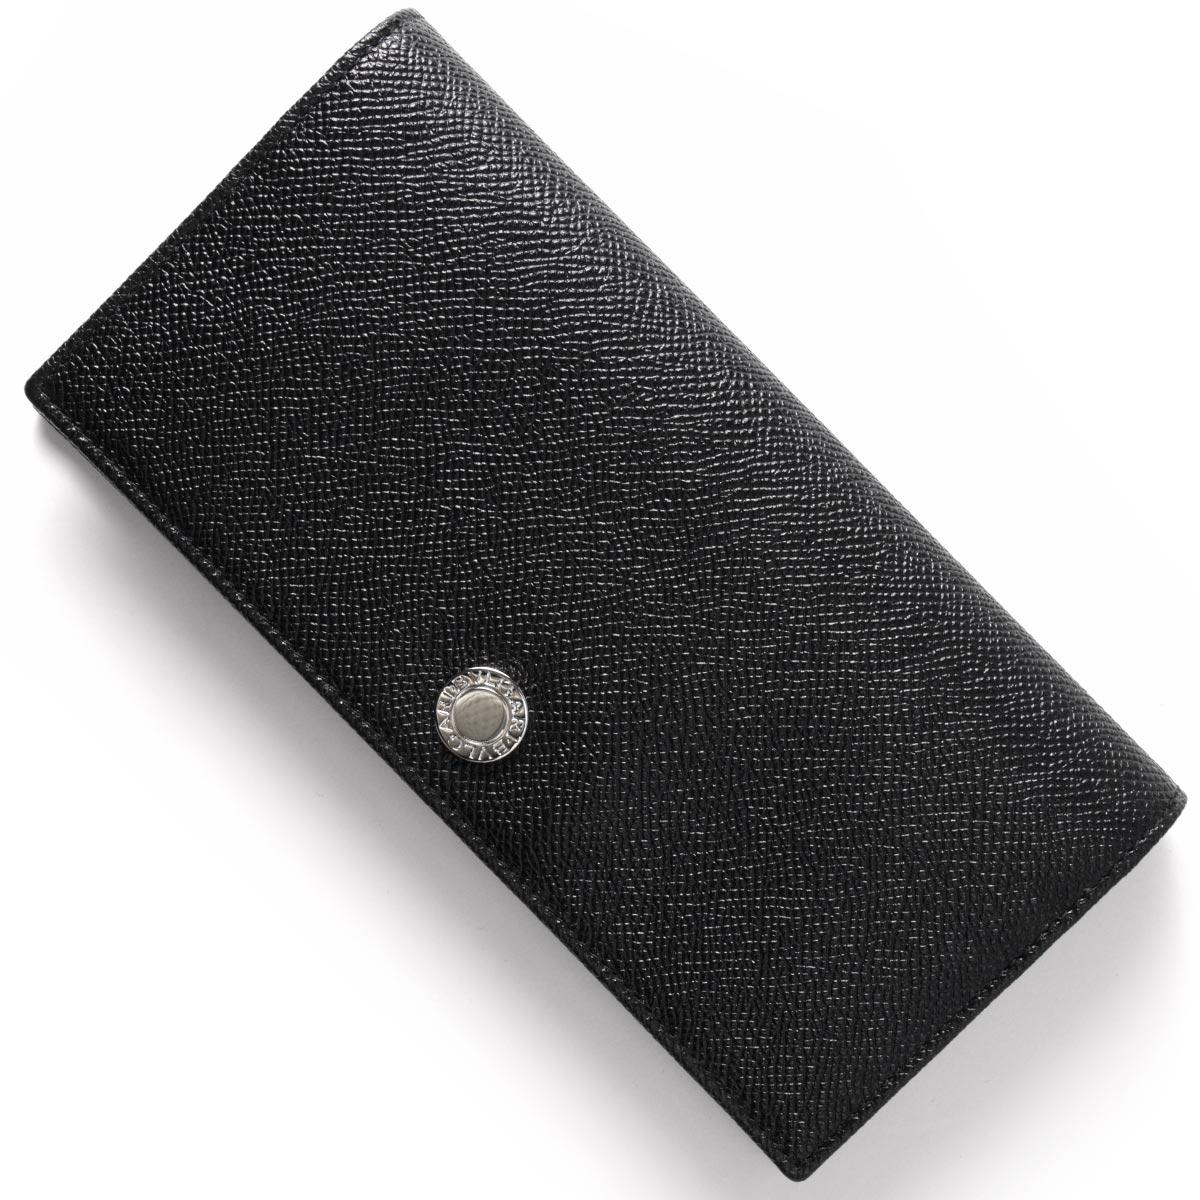 ブルガリ BVLGARI 長財布 クラシコ 【CLASSICO】 ブラック 27746 メンズ